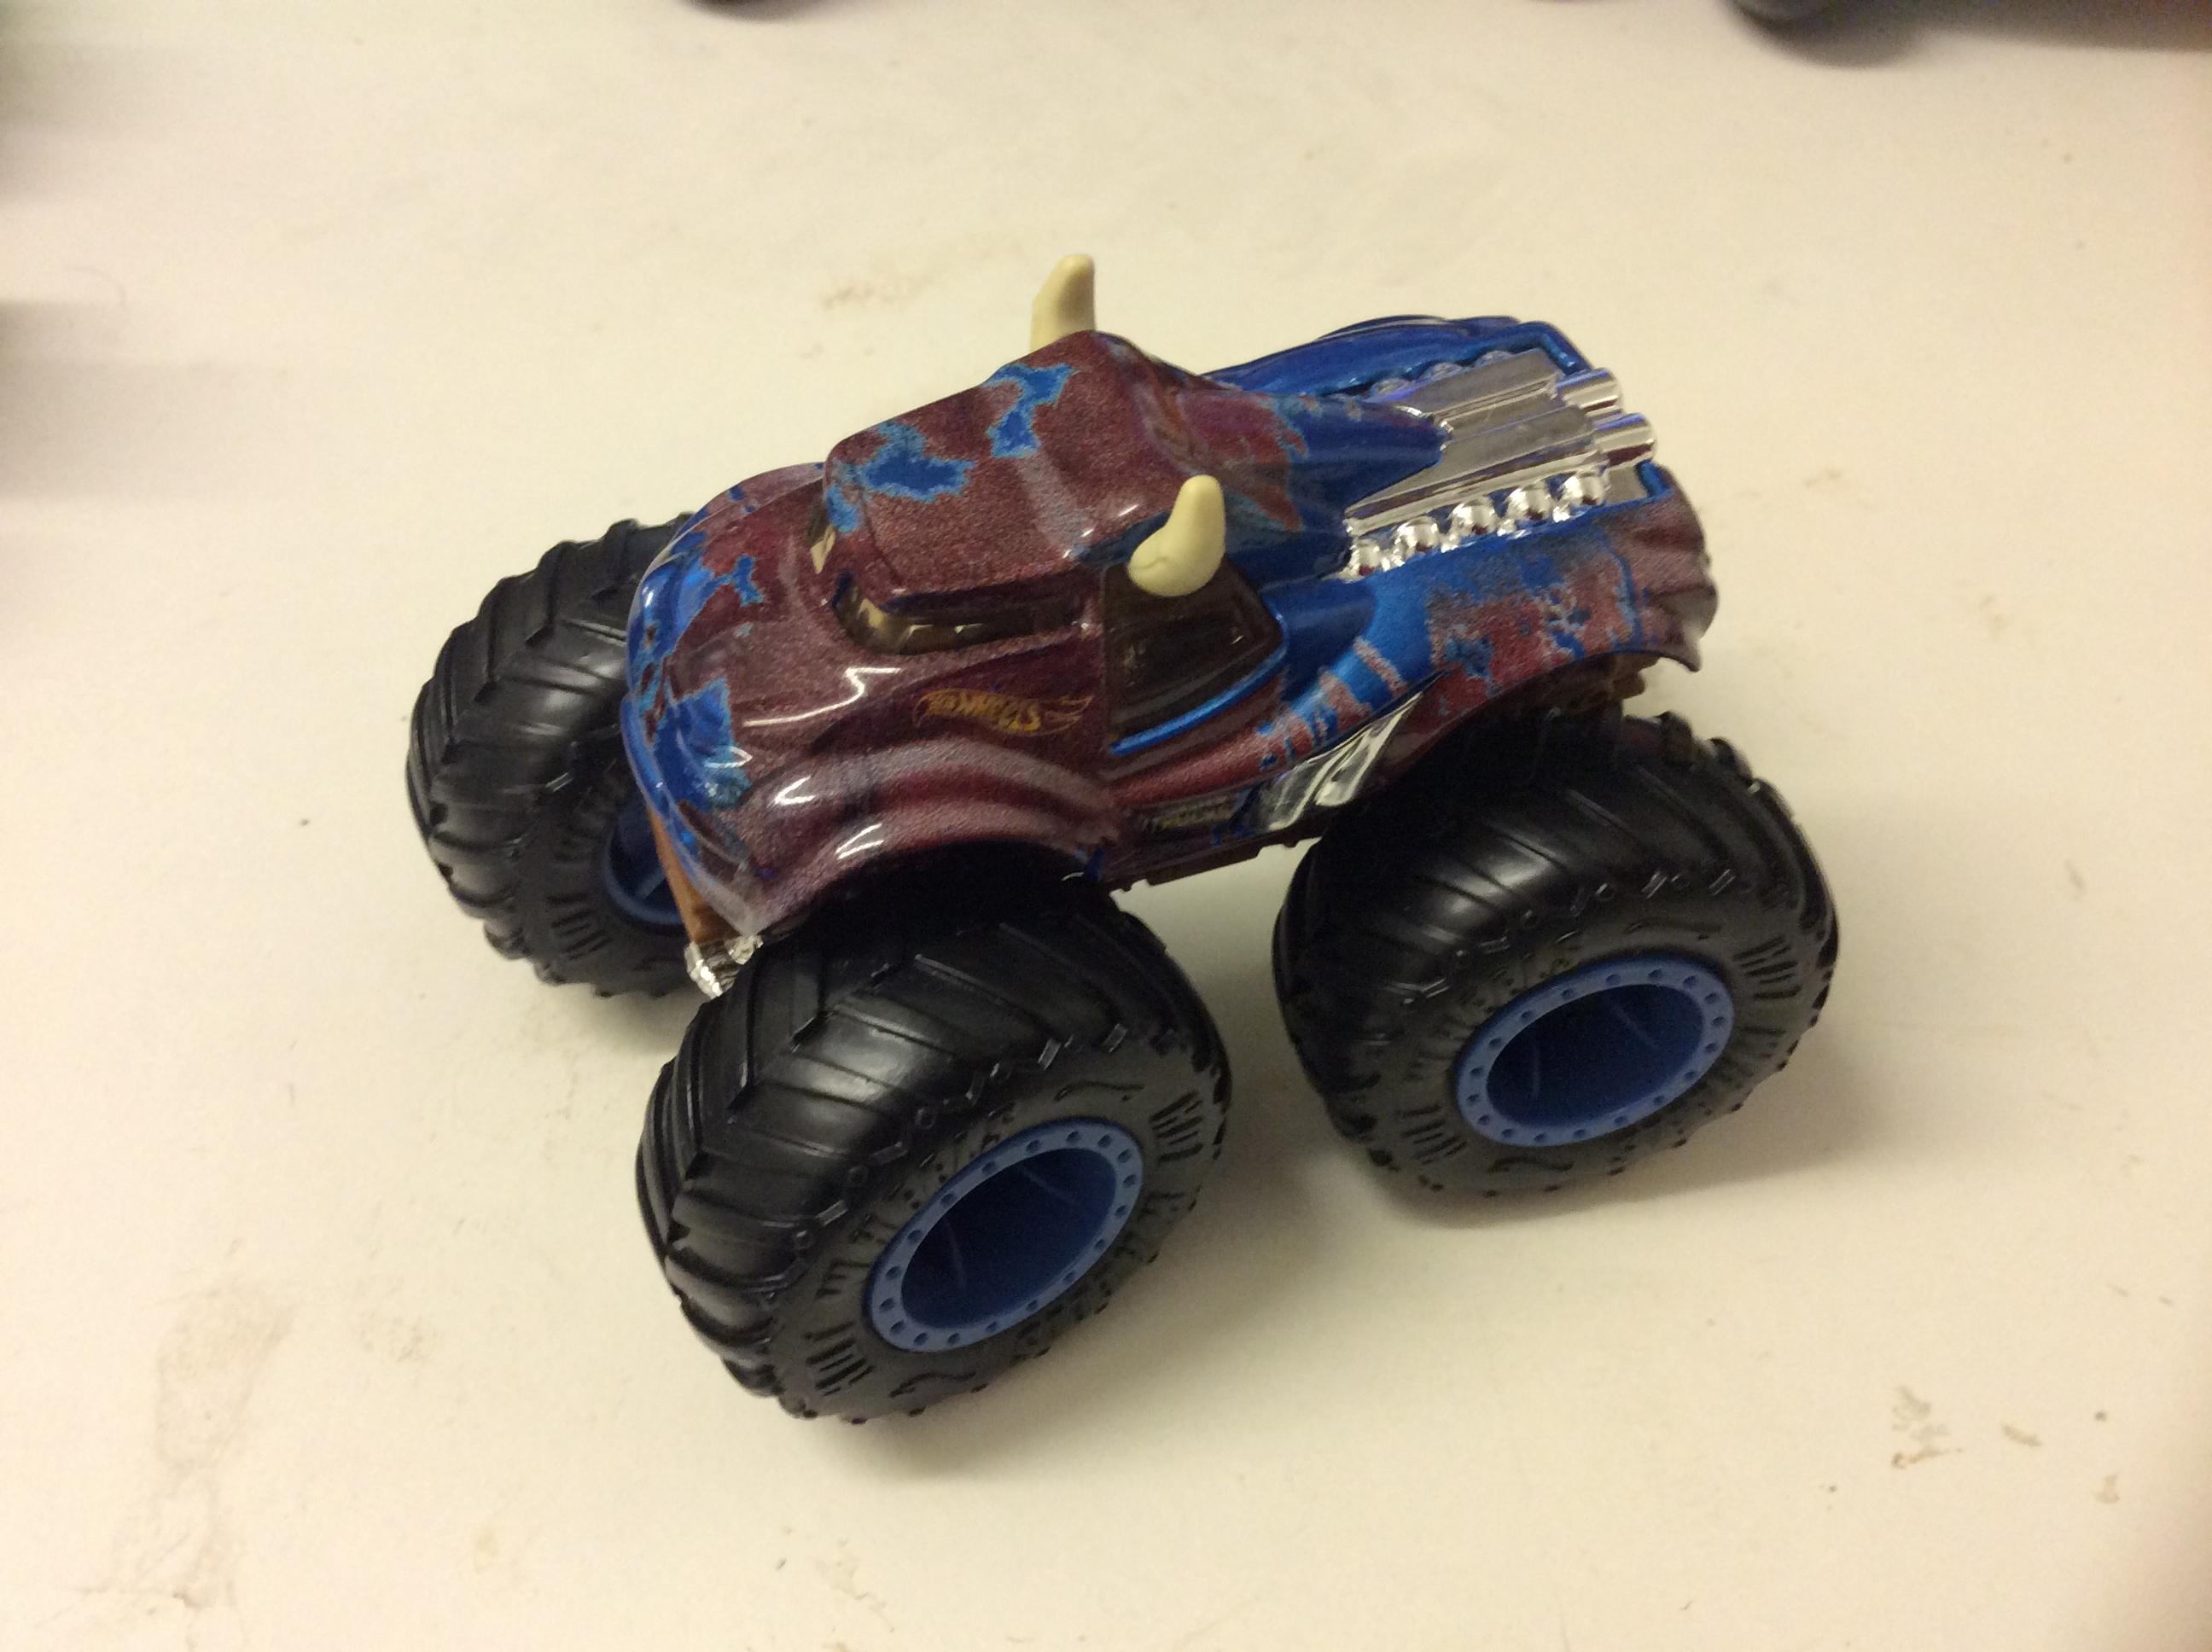 Steer Clear (Monster Truck)